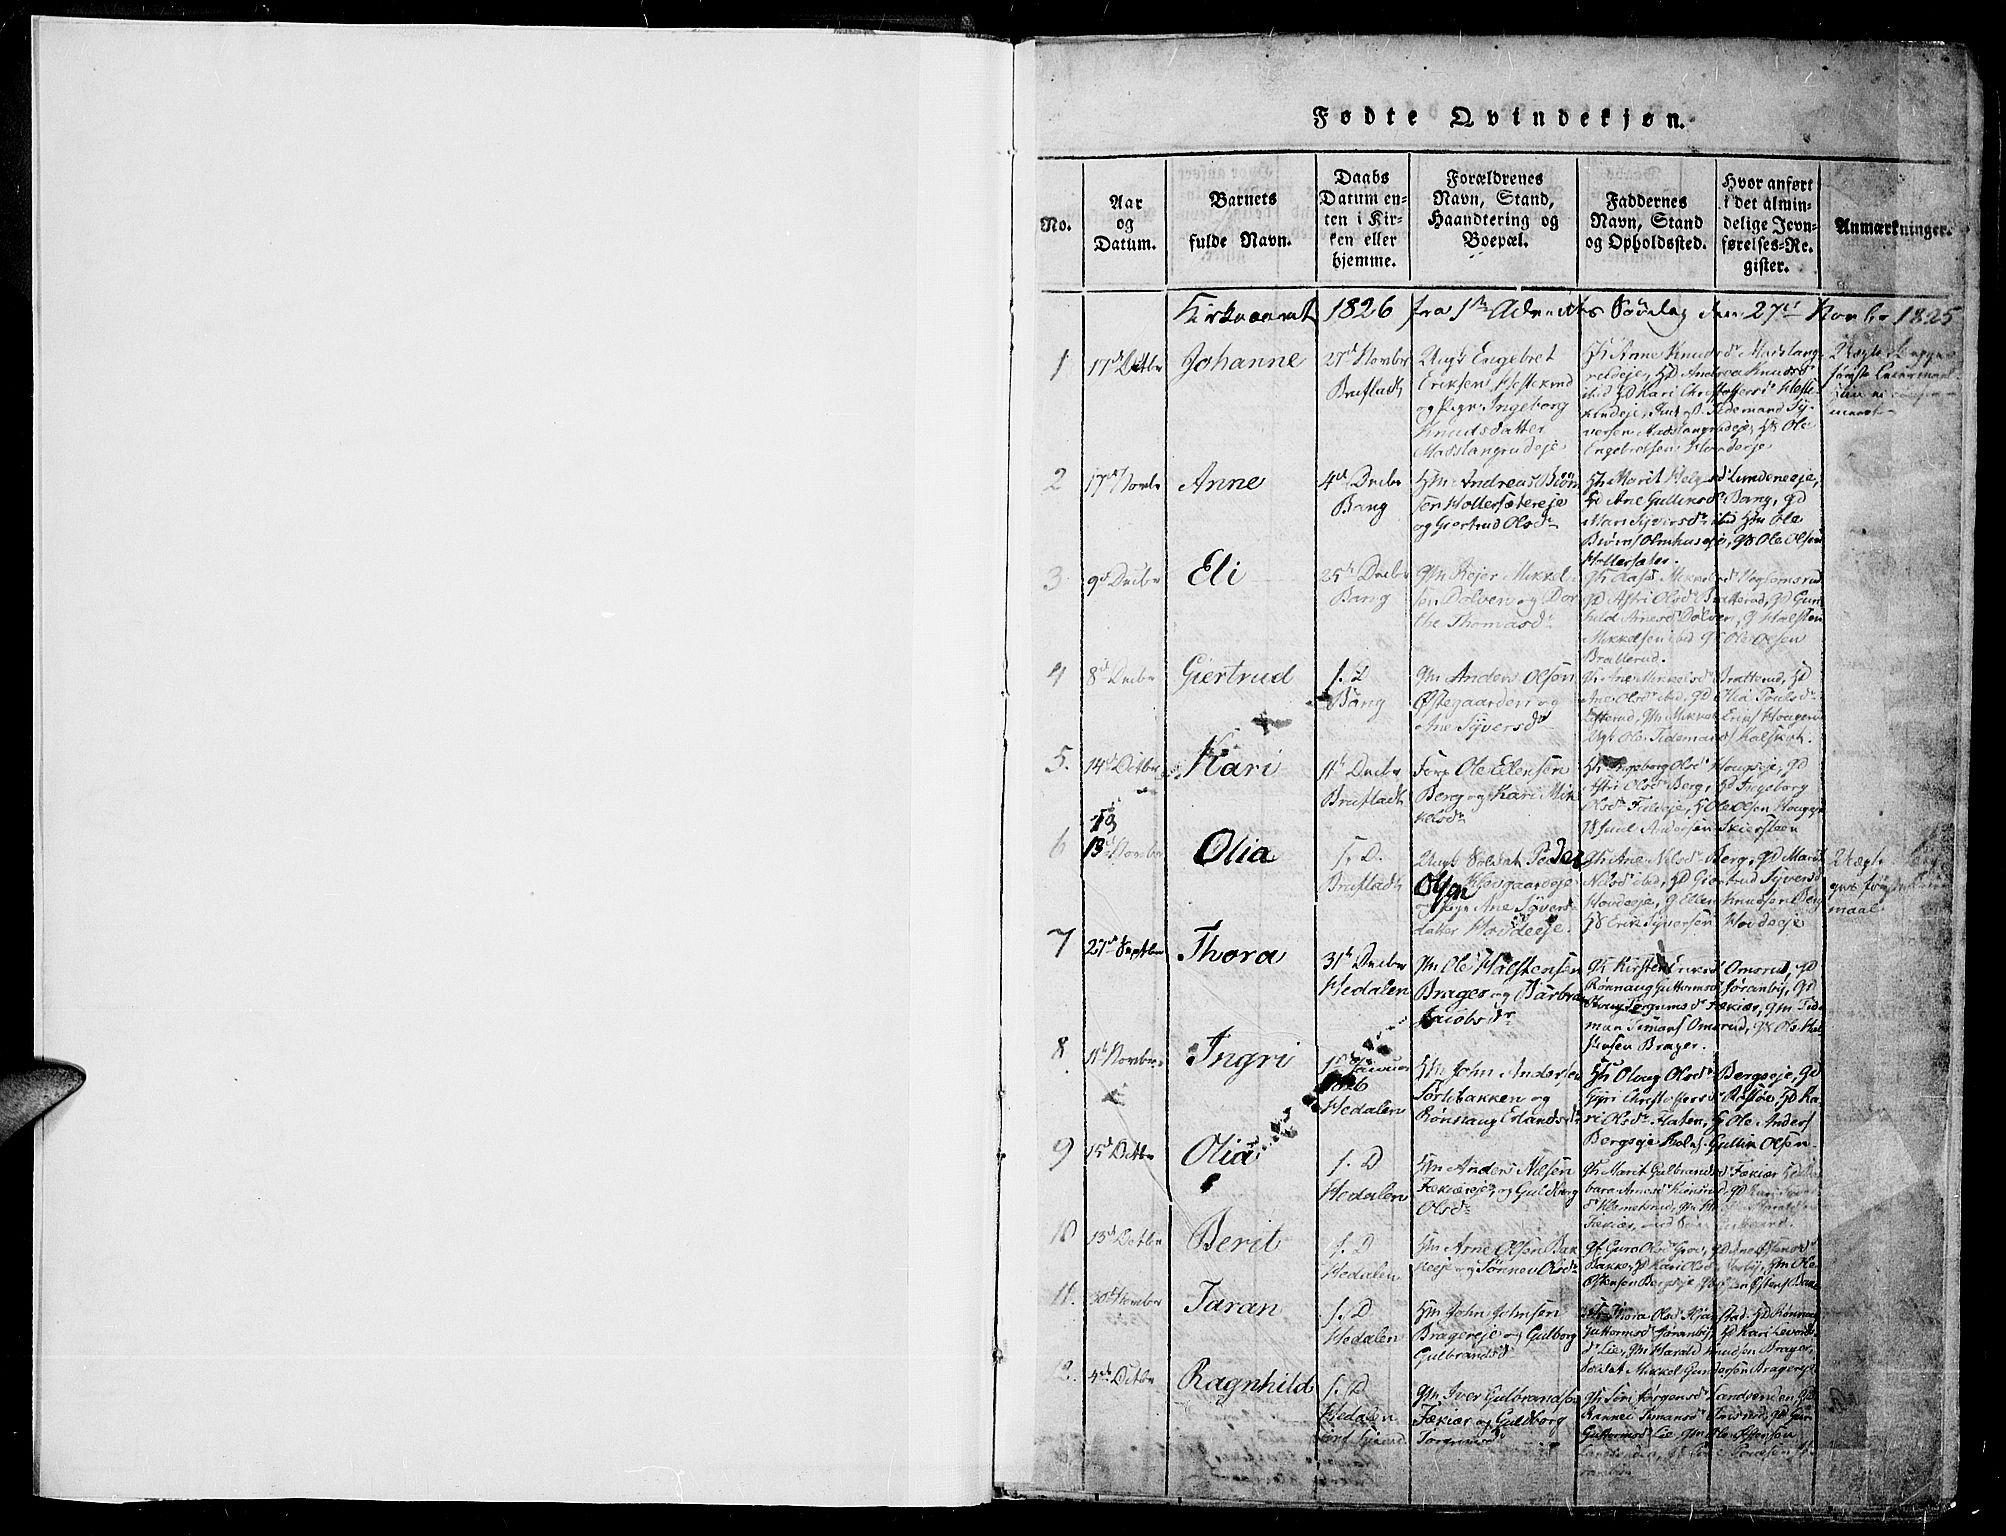 SAH, Sør-Aurdal prestekontor, Ministerialbok nr. 3, 1825-1840, s. 0-1